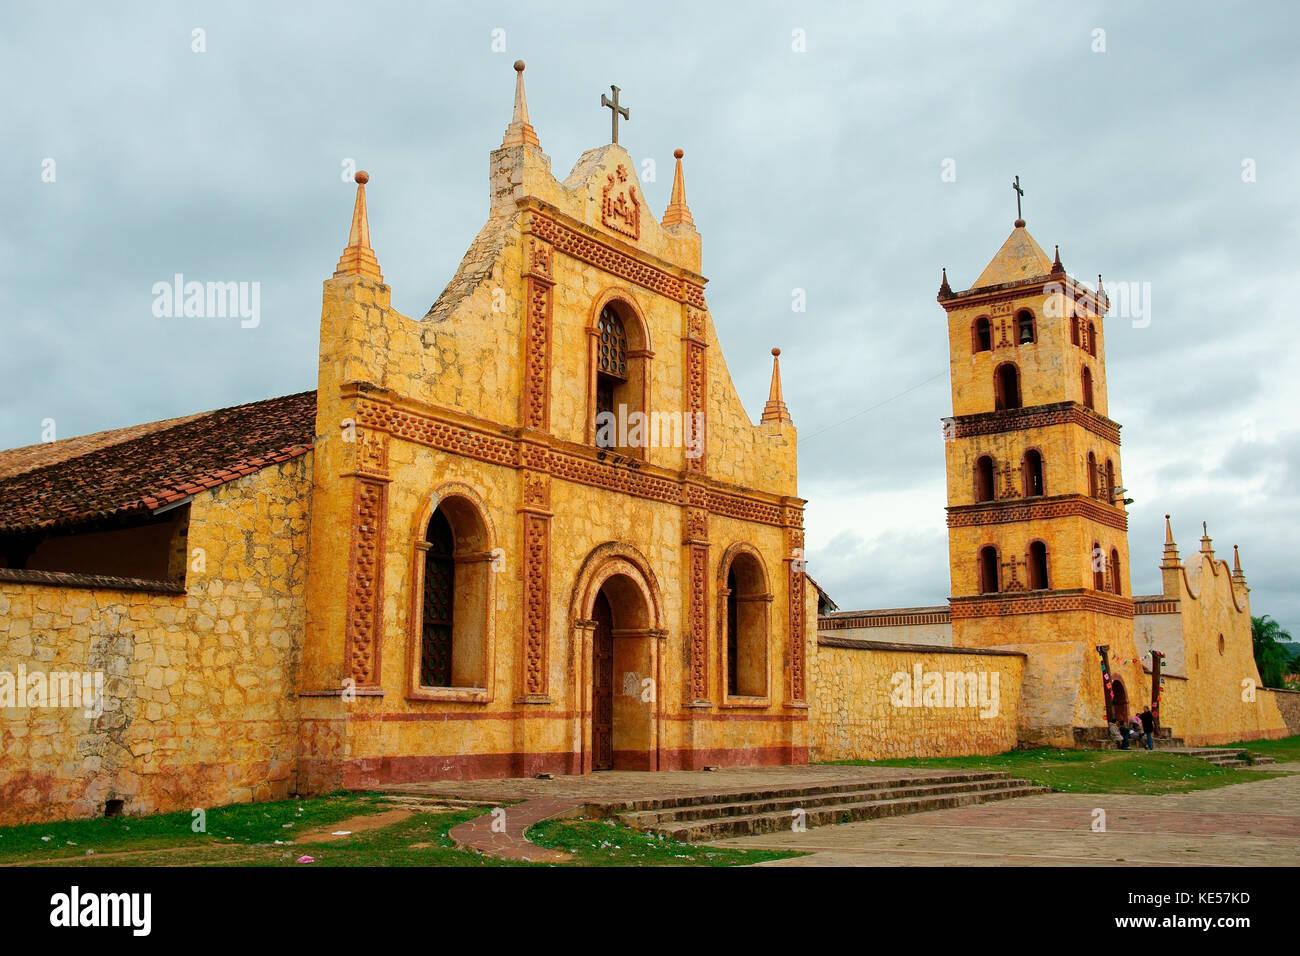 Mission des jésuites, réduction des jésuites, san josé de Chiquitos, Santa Cruz, Bolivie Photo Stock